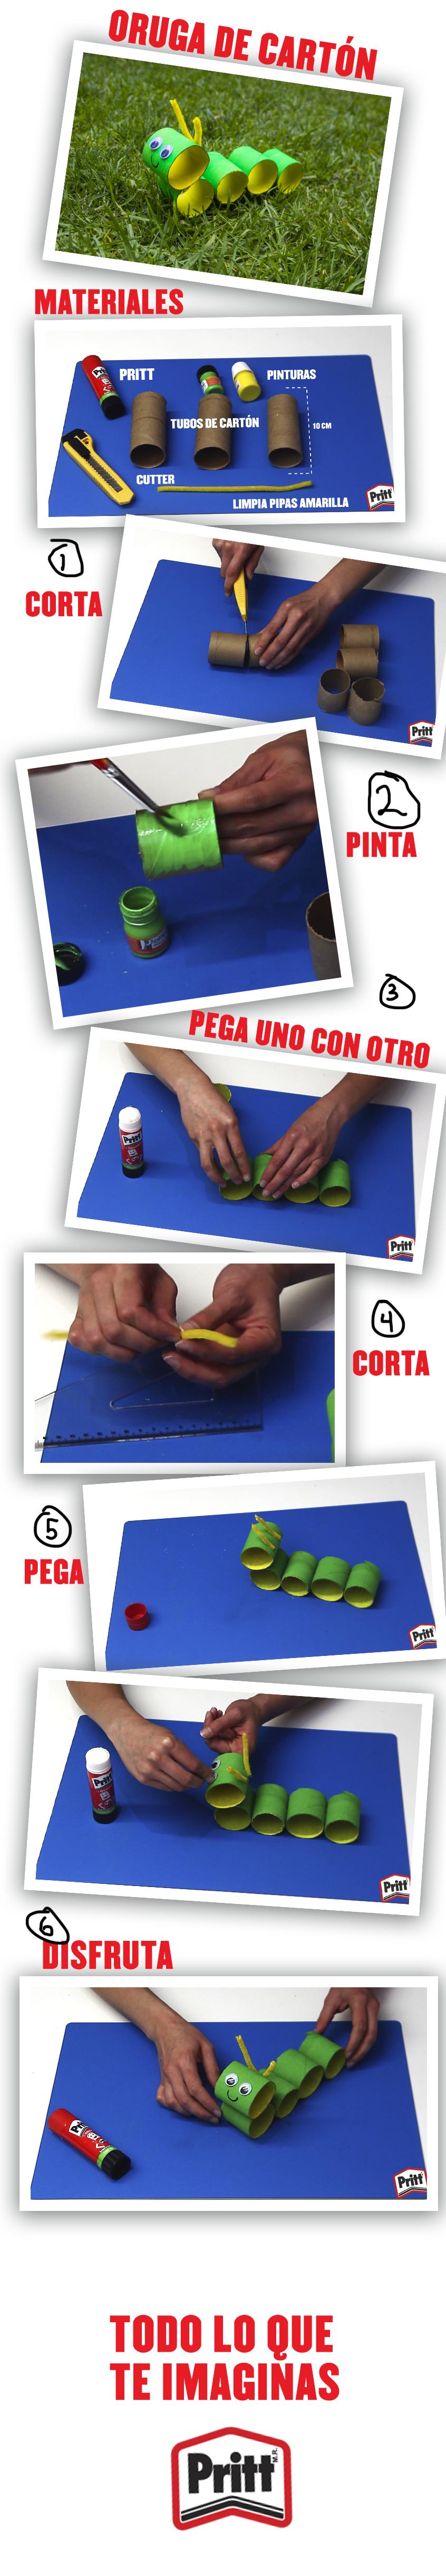 Diviértete creando una colorida oruga de cartón utilizando muy pocos y sencillos materiales: 3 tubos de cartón de 10 cm Cutter Pintura verde y amarilla Limpiapipas amarilla Lápiz adhesivo marca Pritt. Aprende a realizar esta manualidad siguiendo los pasos que se muestran en el siguiente video http://bit.ly/1QkYEsB